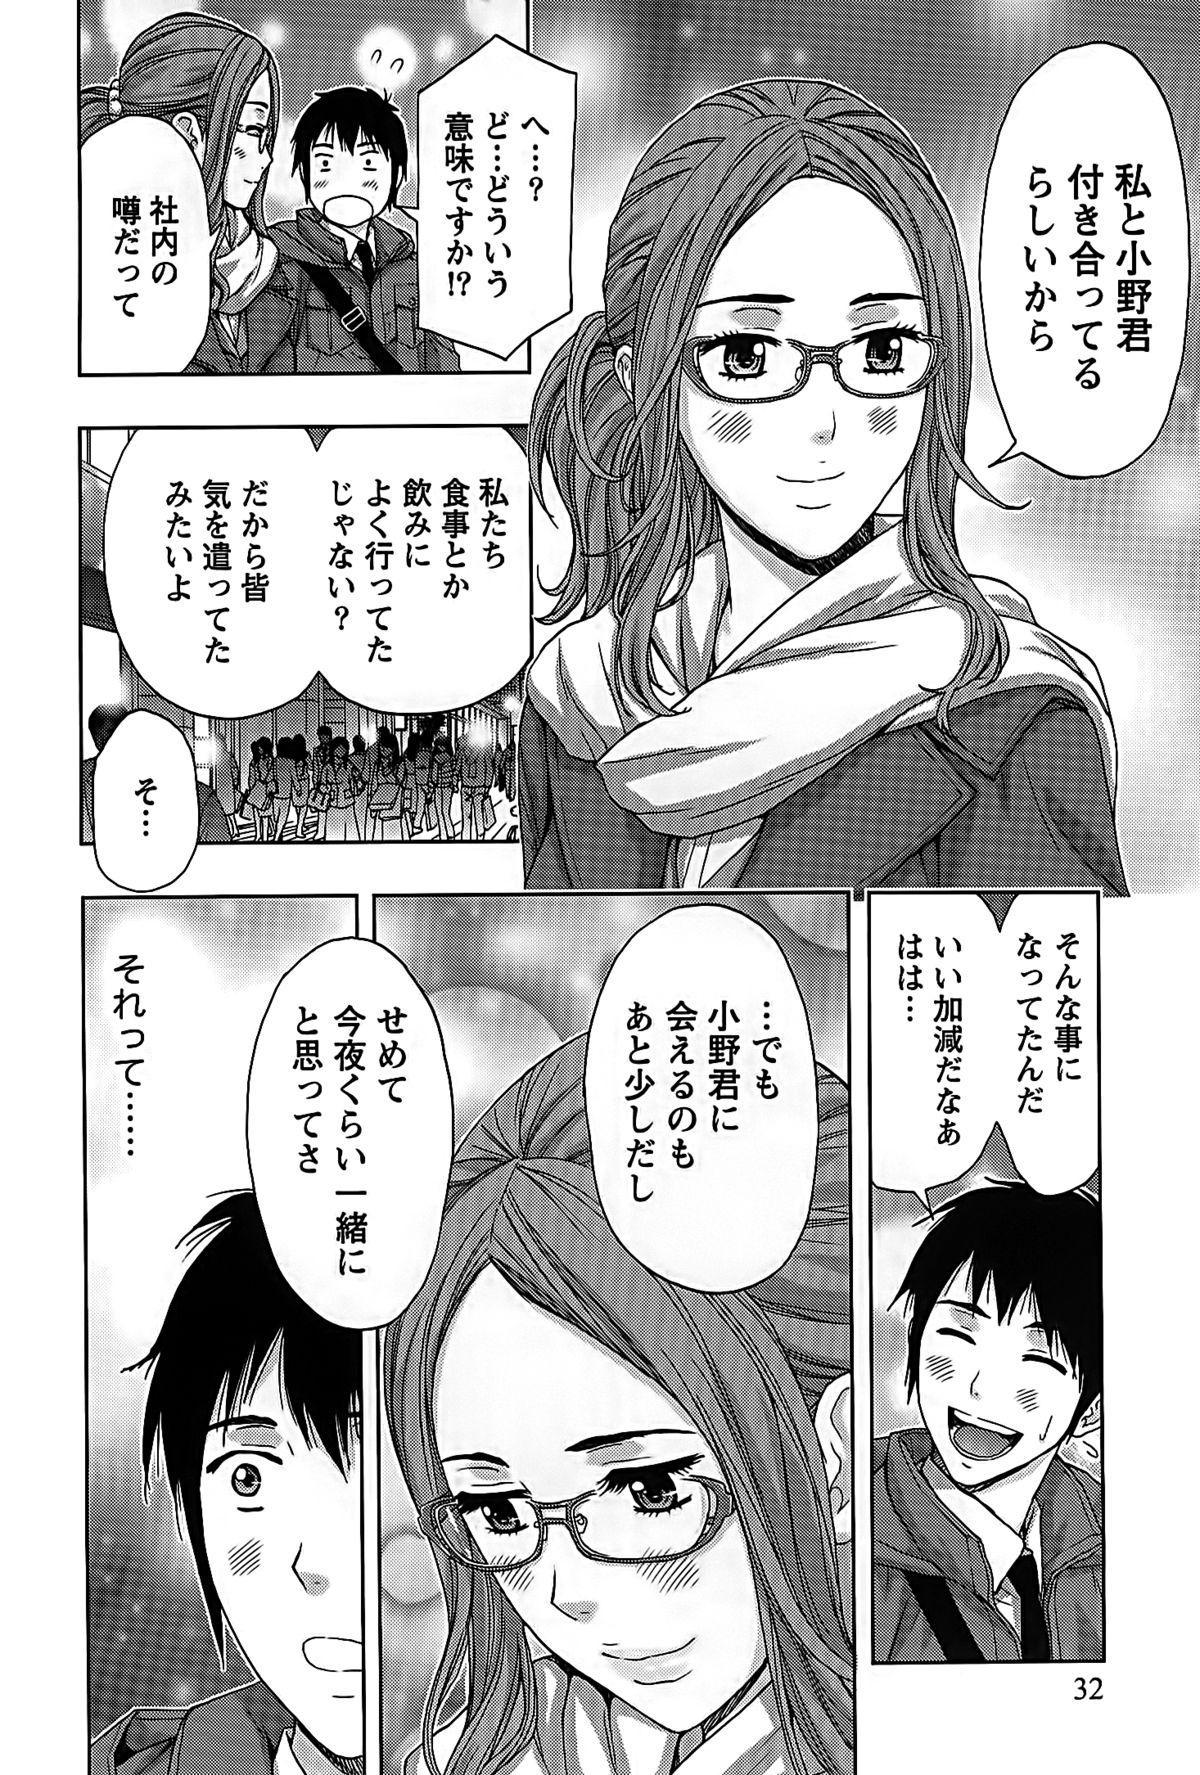 Shittori Lady to Amai Mitsu 31